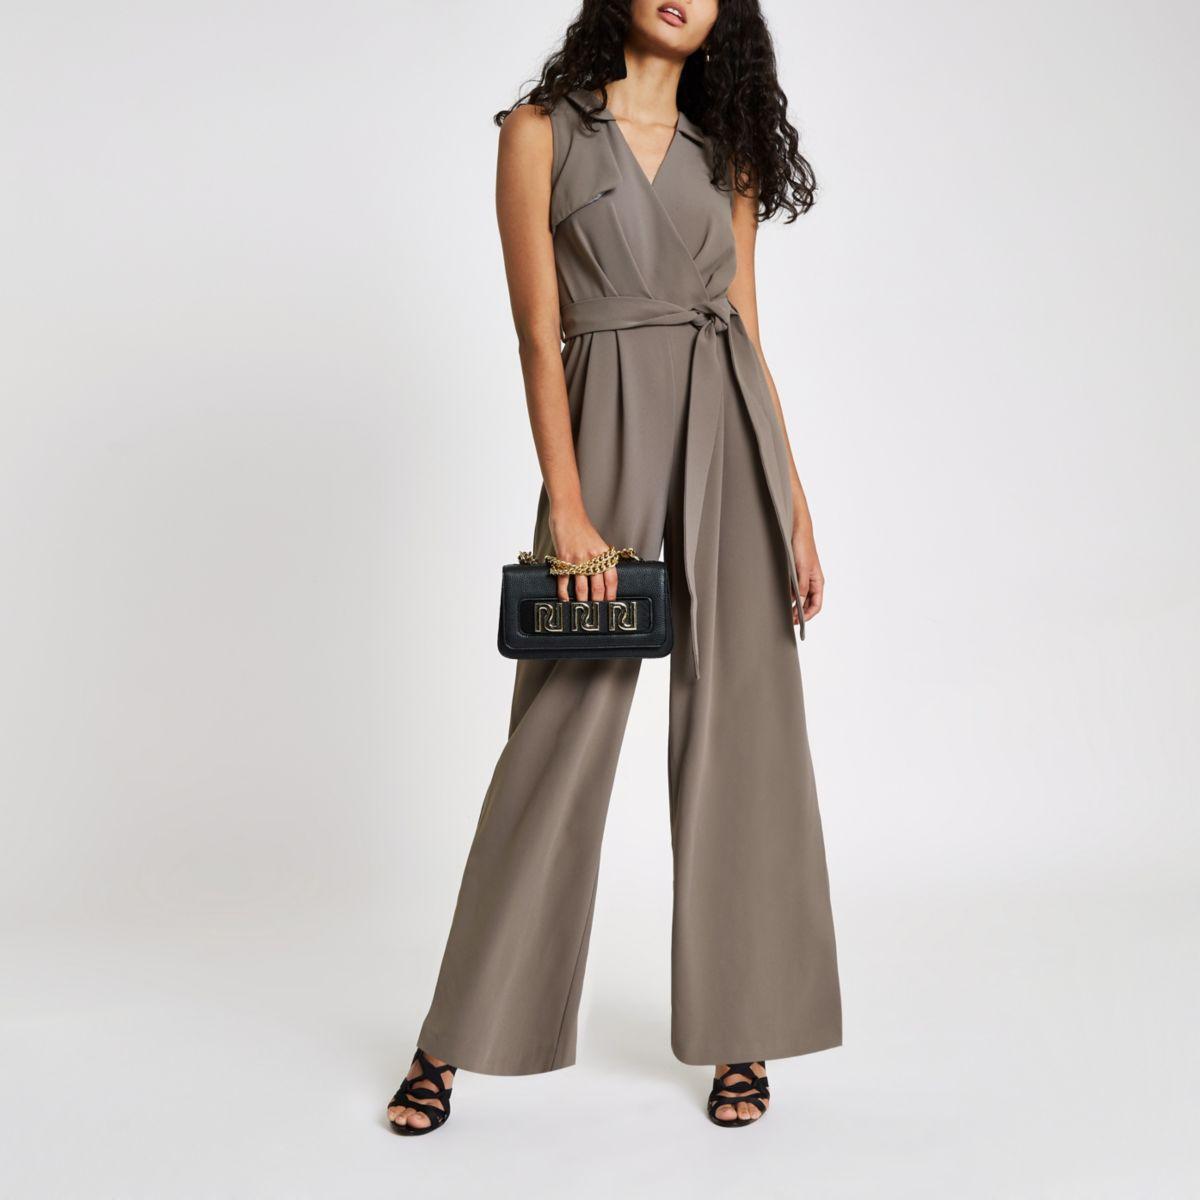 a8b63bbd8f Grey wrap tie front wide leg jumpsuit - Jumpsuits - Playsuits ...